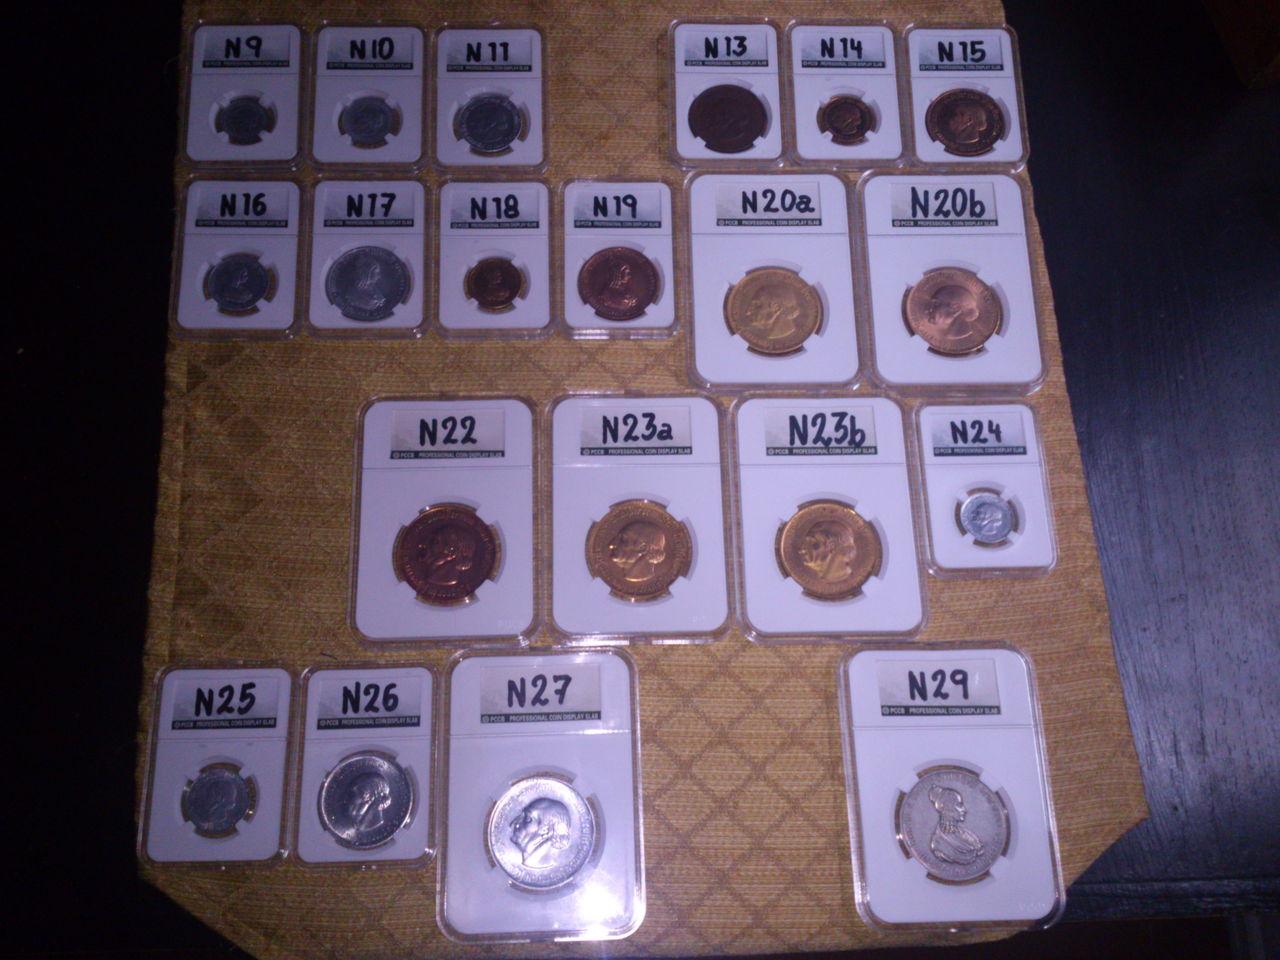 Monedas de emergencia emitidas por el banco regional de Westphalia DSC_9409